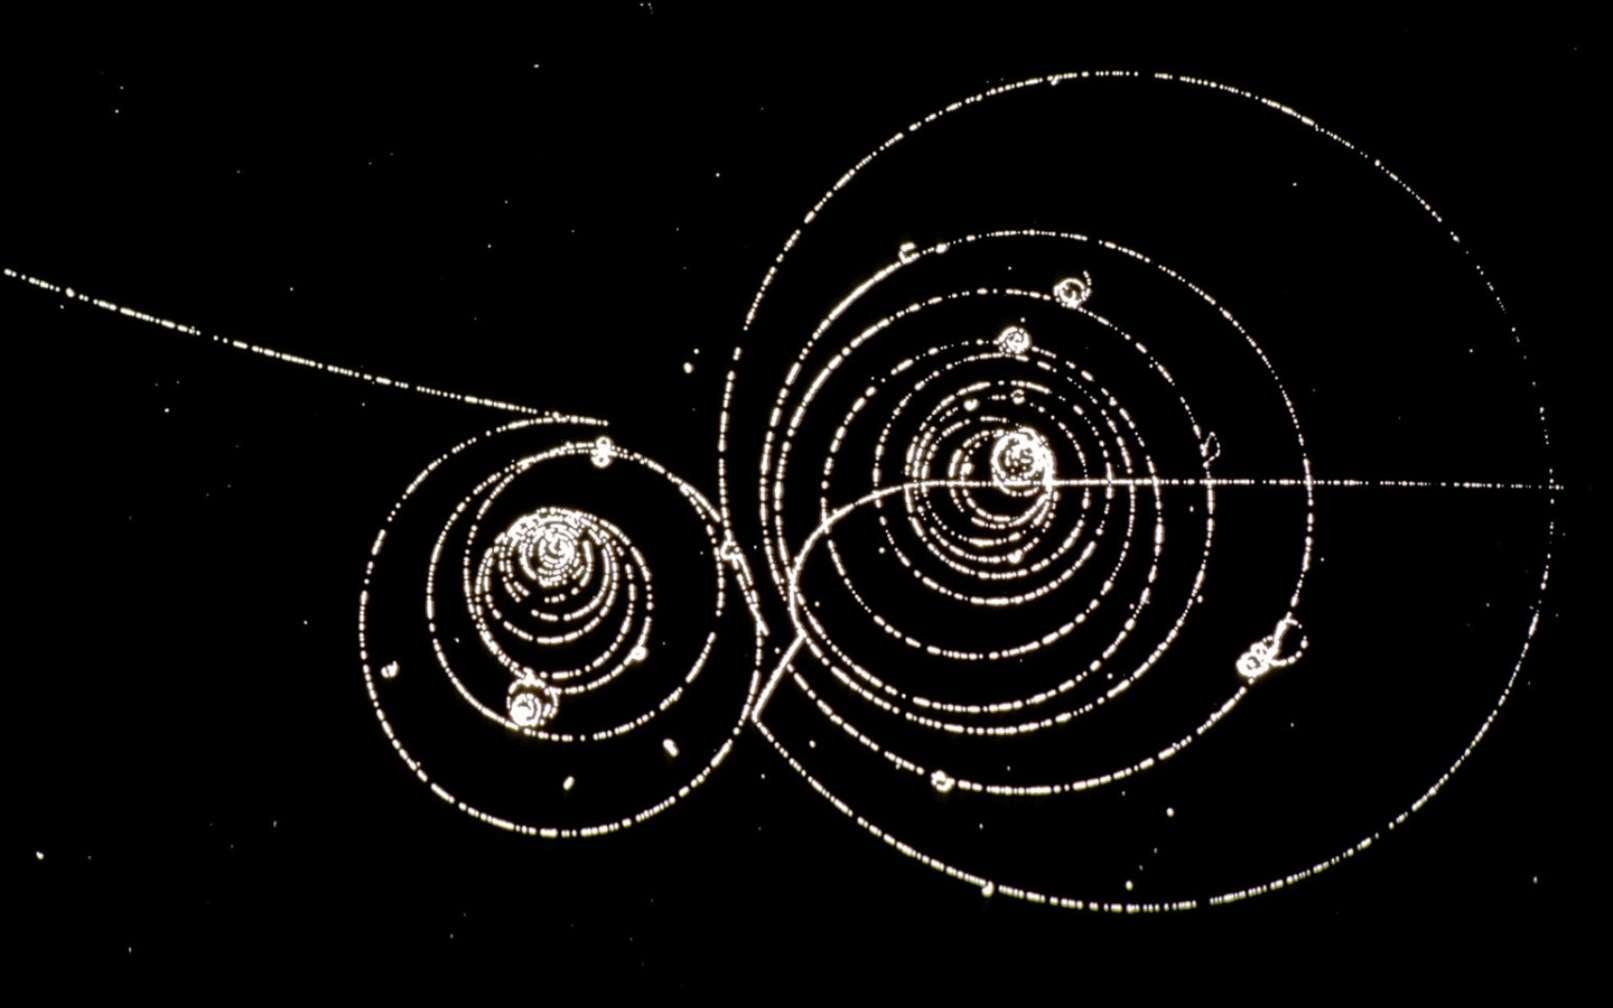 Des particules de matière et d'antimatière tournent en spirale dans un champ magnétique. C'est une image prise dans une chambre à bulles, un détecteur utilisé il y a plus de 50 ans. © Cern